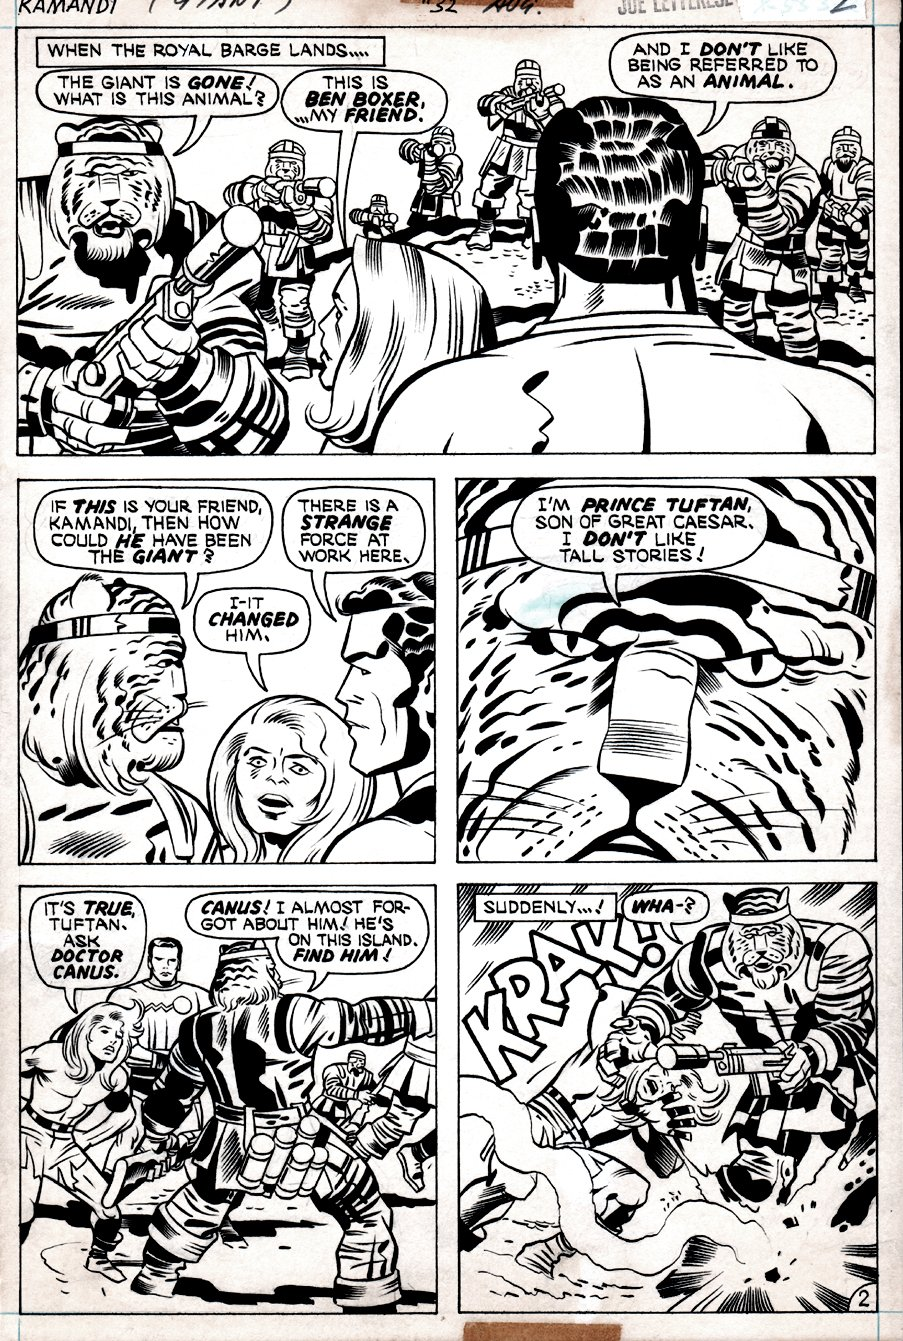 Kamandi #32 p 2  (Kamandi, Ben Boxer, Beast-Men!) 1975